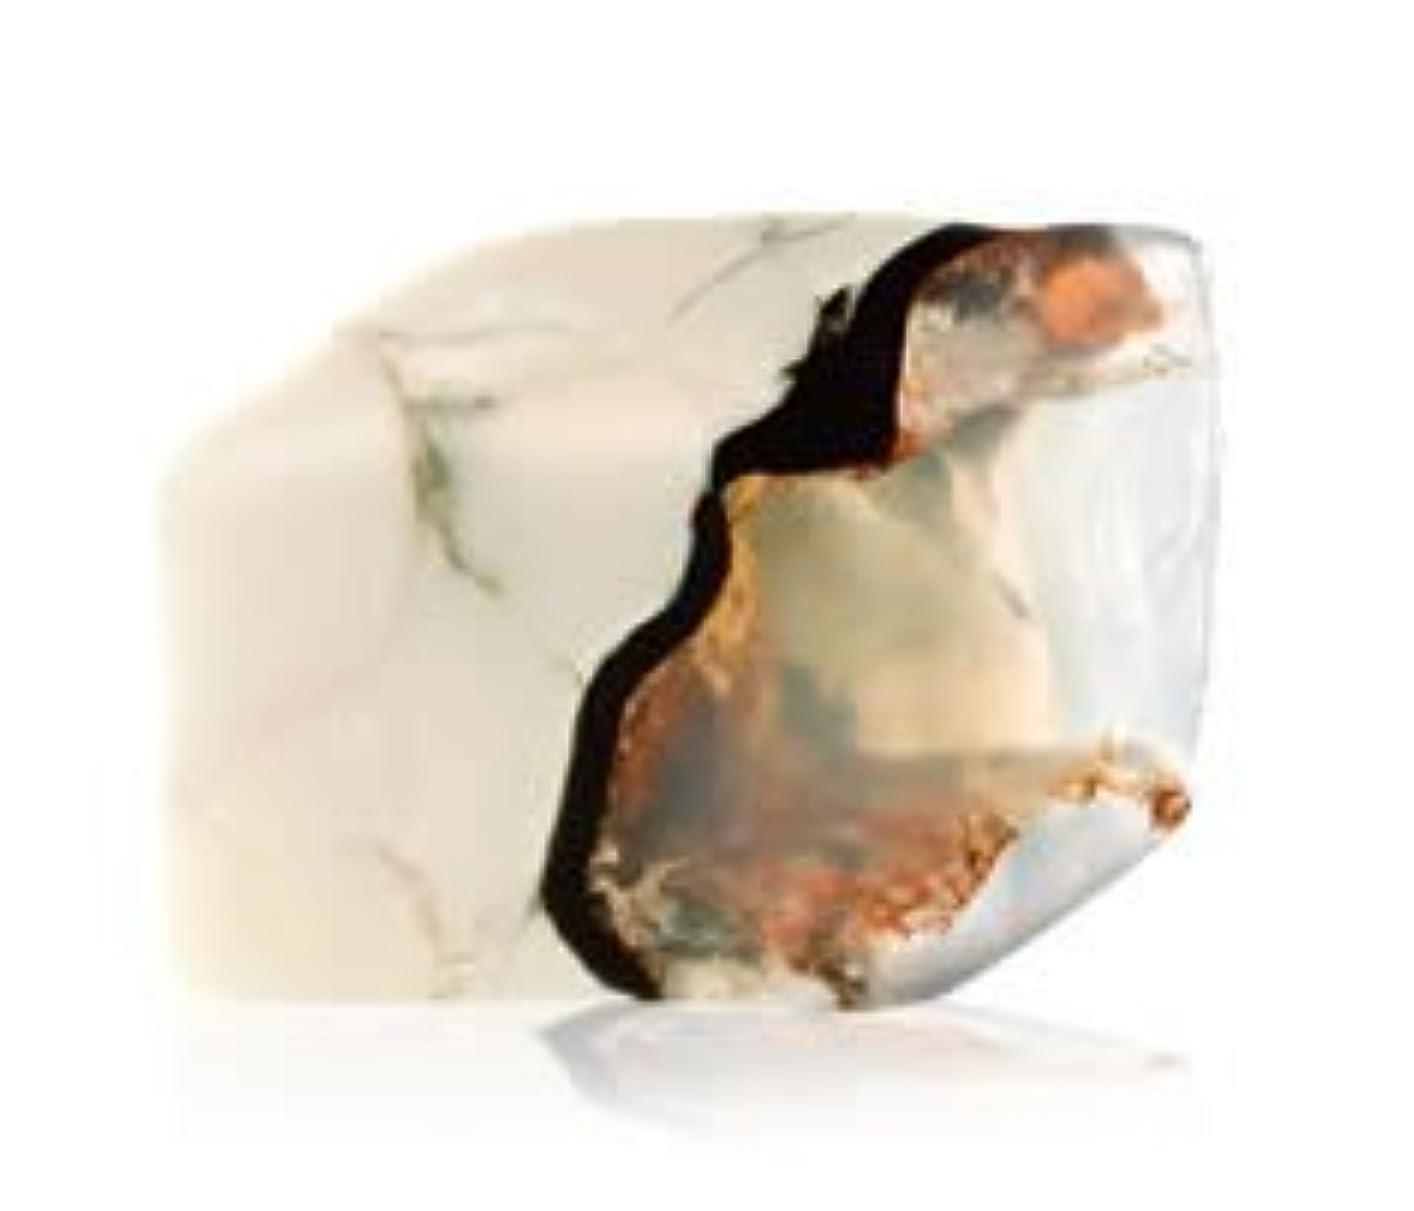 構成員書き込み航空機Savons Gemme サボンジェム 世界で一番美しい宝石石鹸 フレグランスソープ マーブル 170g